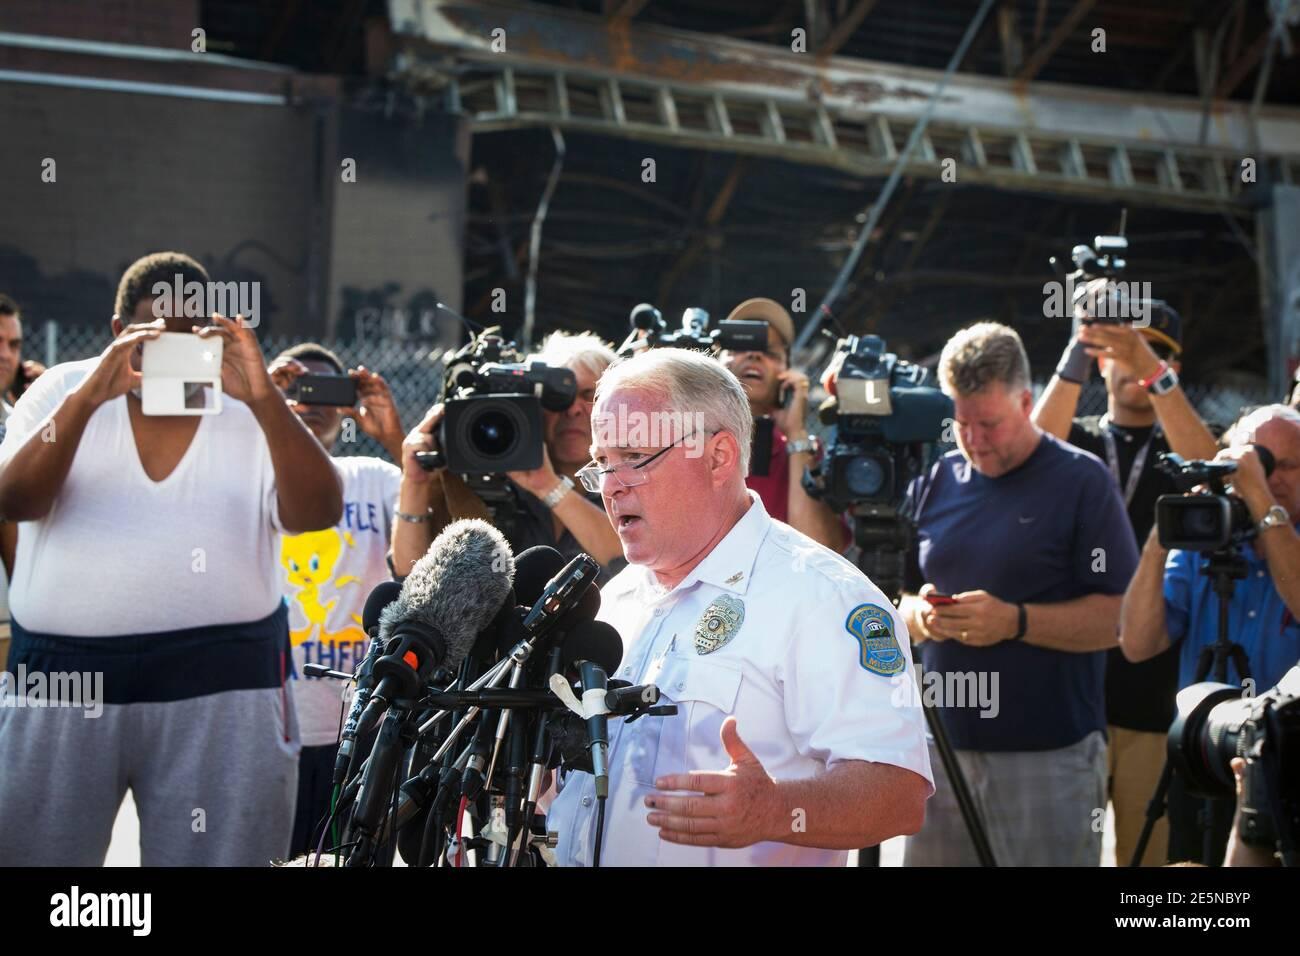 Thomas Jackson, capo della polizia di Ferguson, annuncia il nome dell'ufficiale coinvolto nella sparatoria di Michael Brown come ufficiale Darren Wilson, a Ferguson, Missouri, 15 agosto 2014. Il briefing si è tenuto nei pressi di un minimarket QuikTrip che era stato bruciato durante le proteste per le riprese di Brown, 18, sabato scorso. REUTERS/Lucas Jackson (STATI UNITI - Tags: LA LEGGE CIVILE SUL CRIMINE) Foto Stock